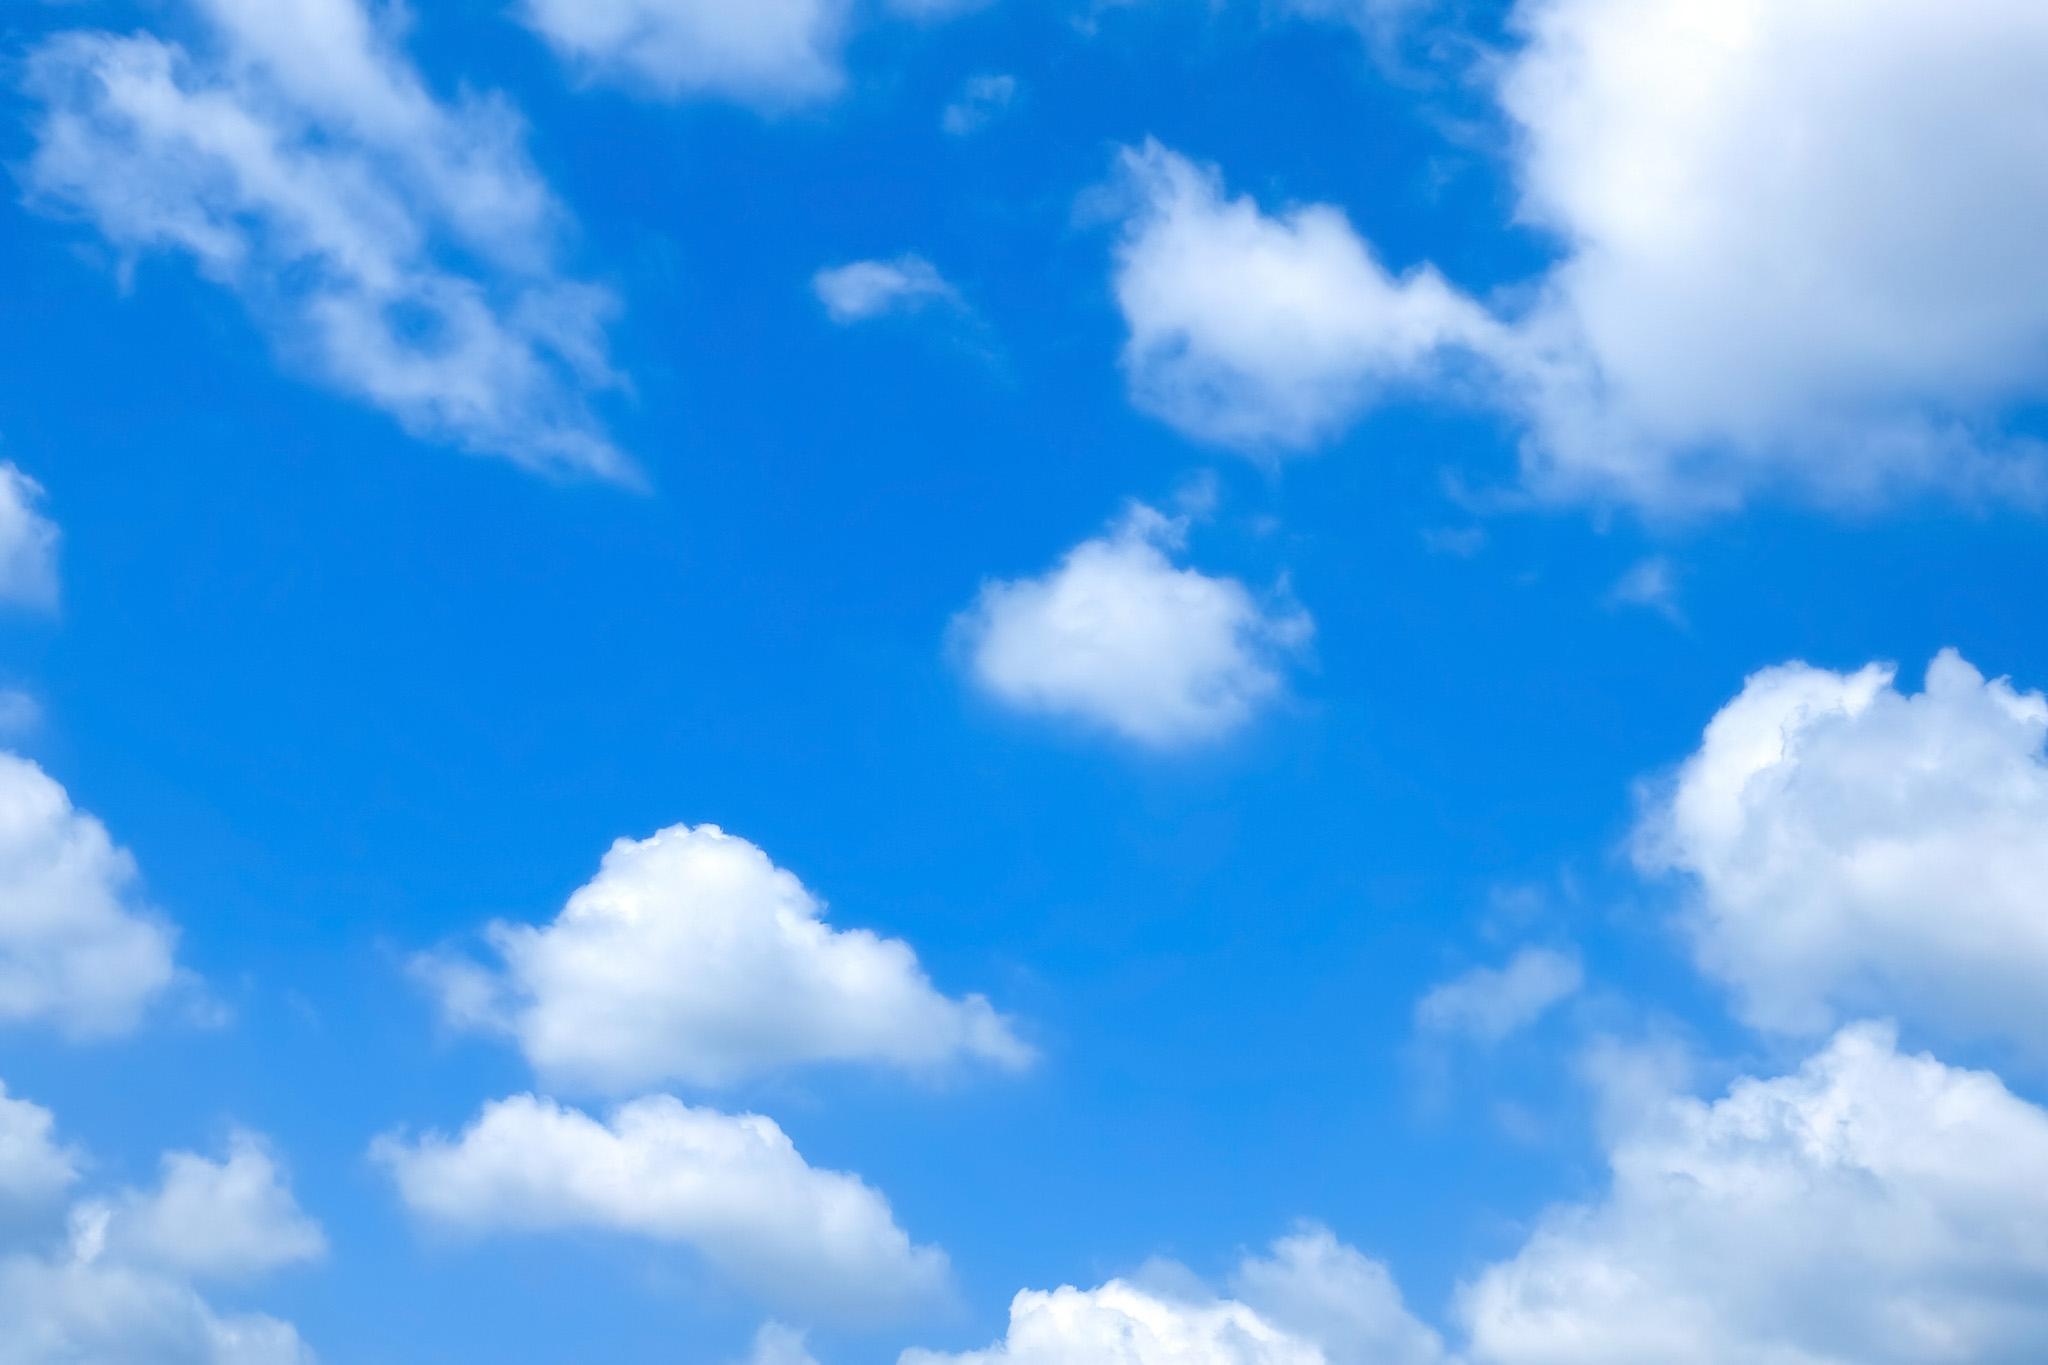 「青空と綿菓子みたいな雲」の写真素材を無料ダウンロード